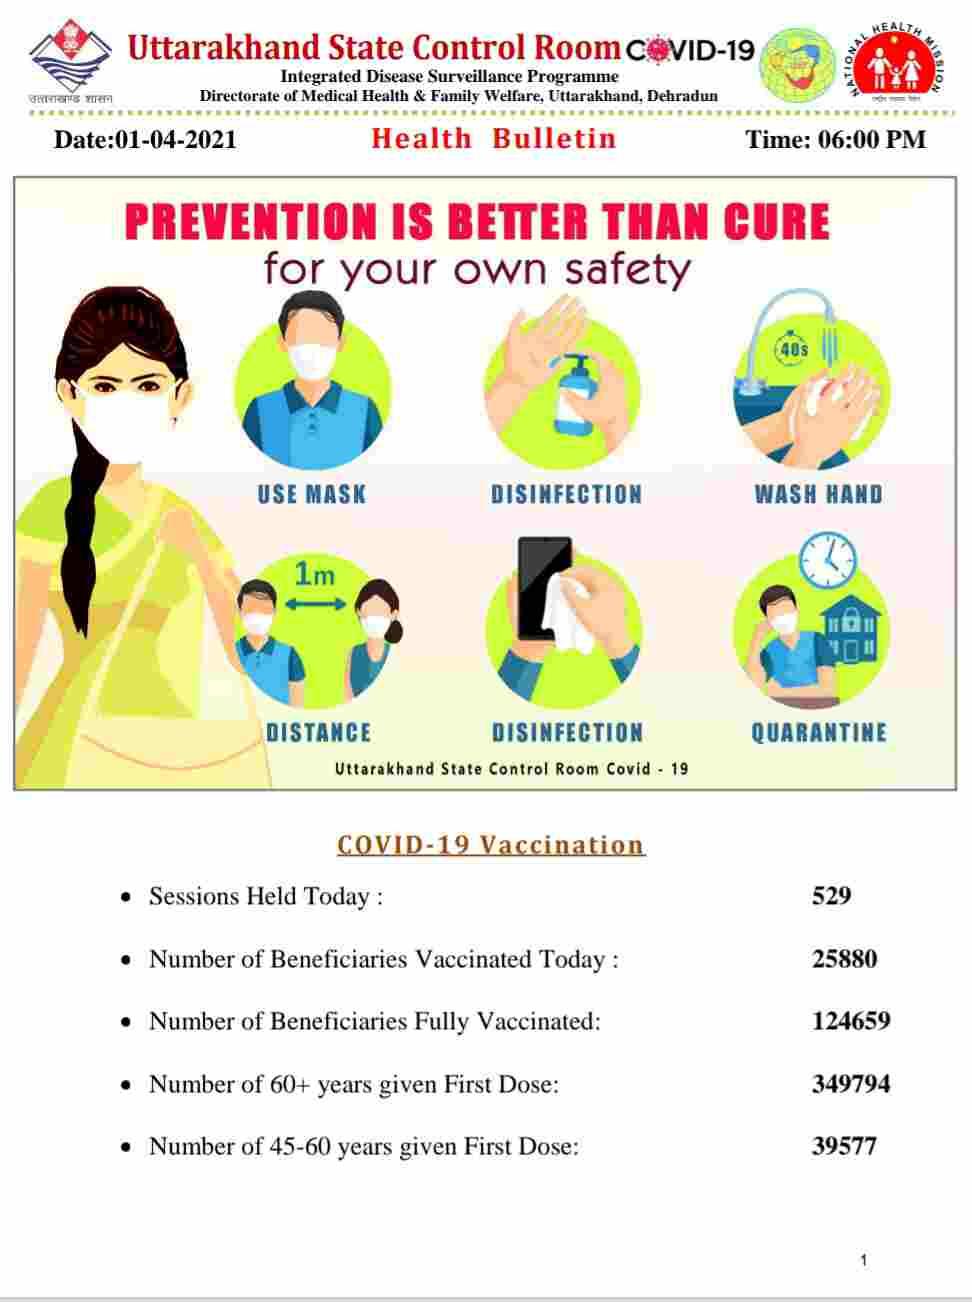 कोरोना बुलेटिन: उत्तराखंड में आज 500 नए कोविड-19 मरीज़, 2 लोगों की मौत, 125 स्वास्थ्य 2